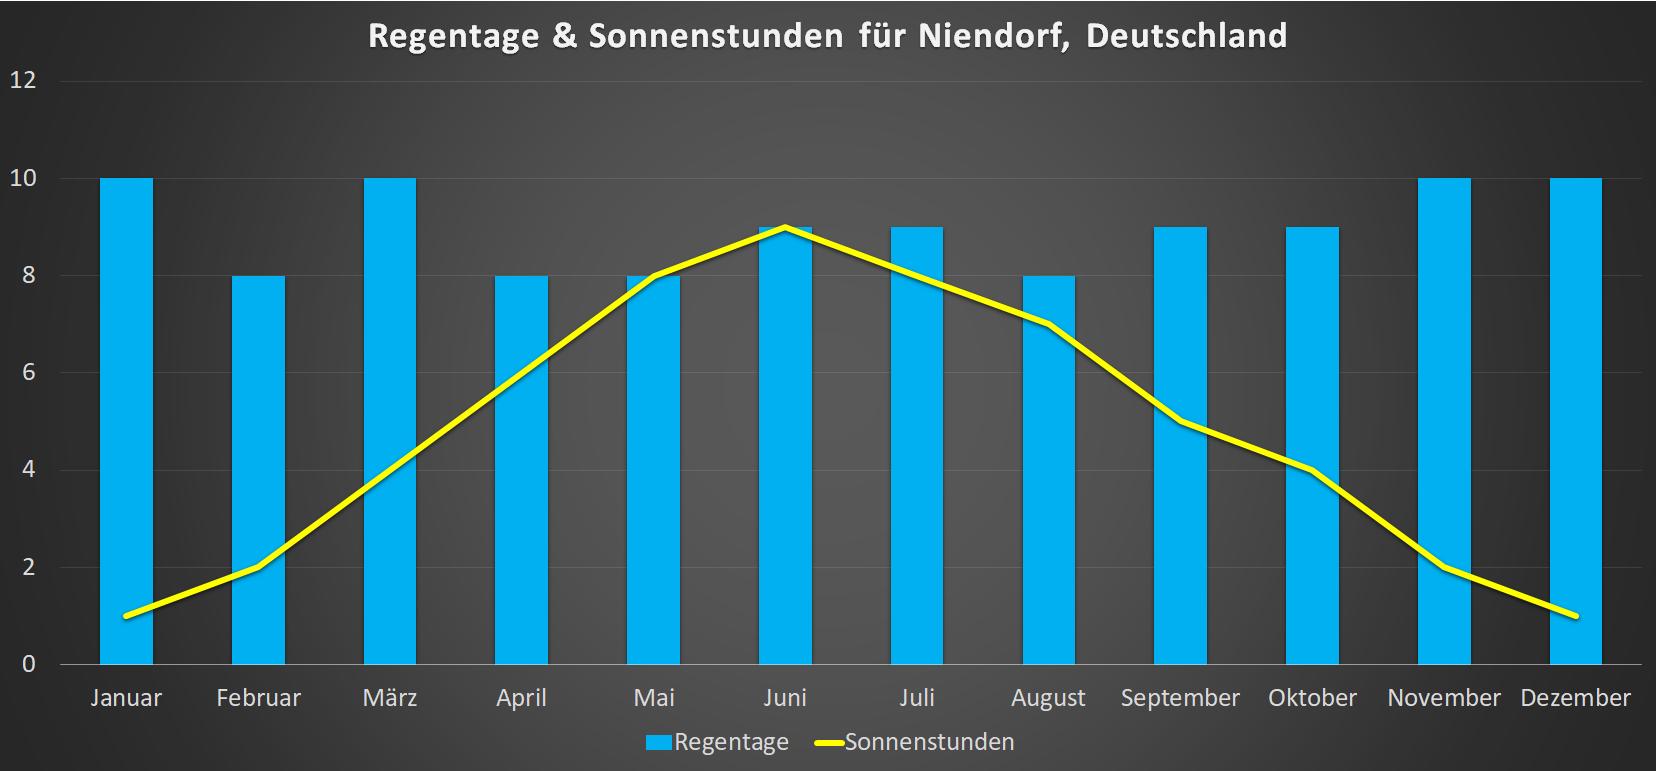 Regentage & Sonnenstunden für Niendorf im Jahresverlauf